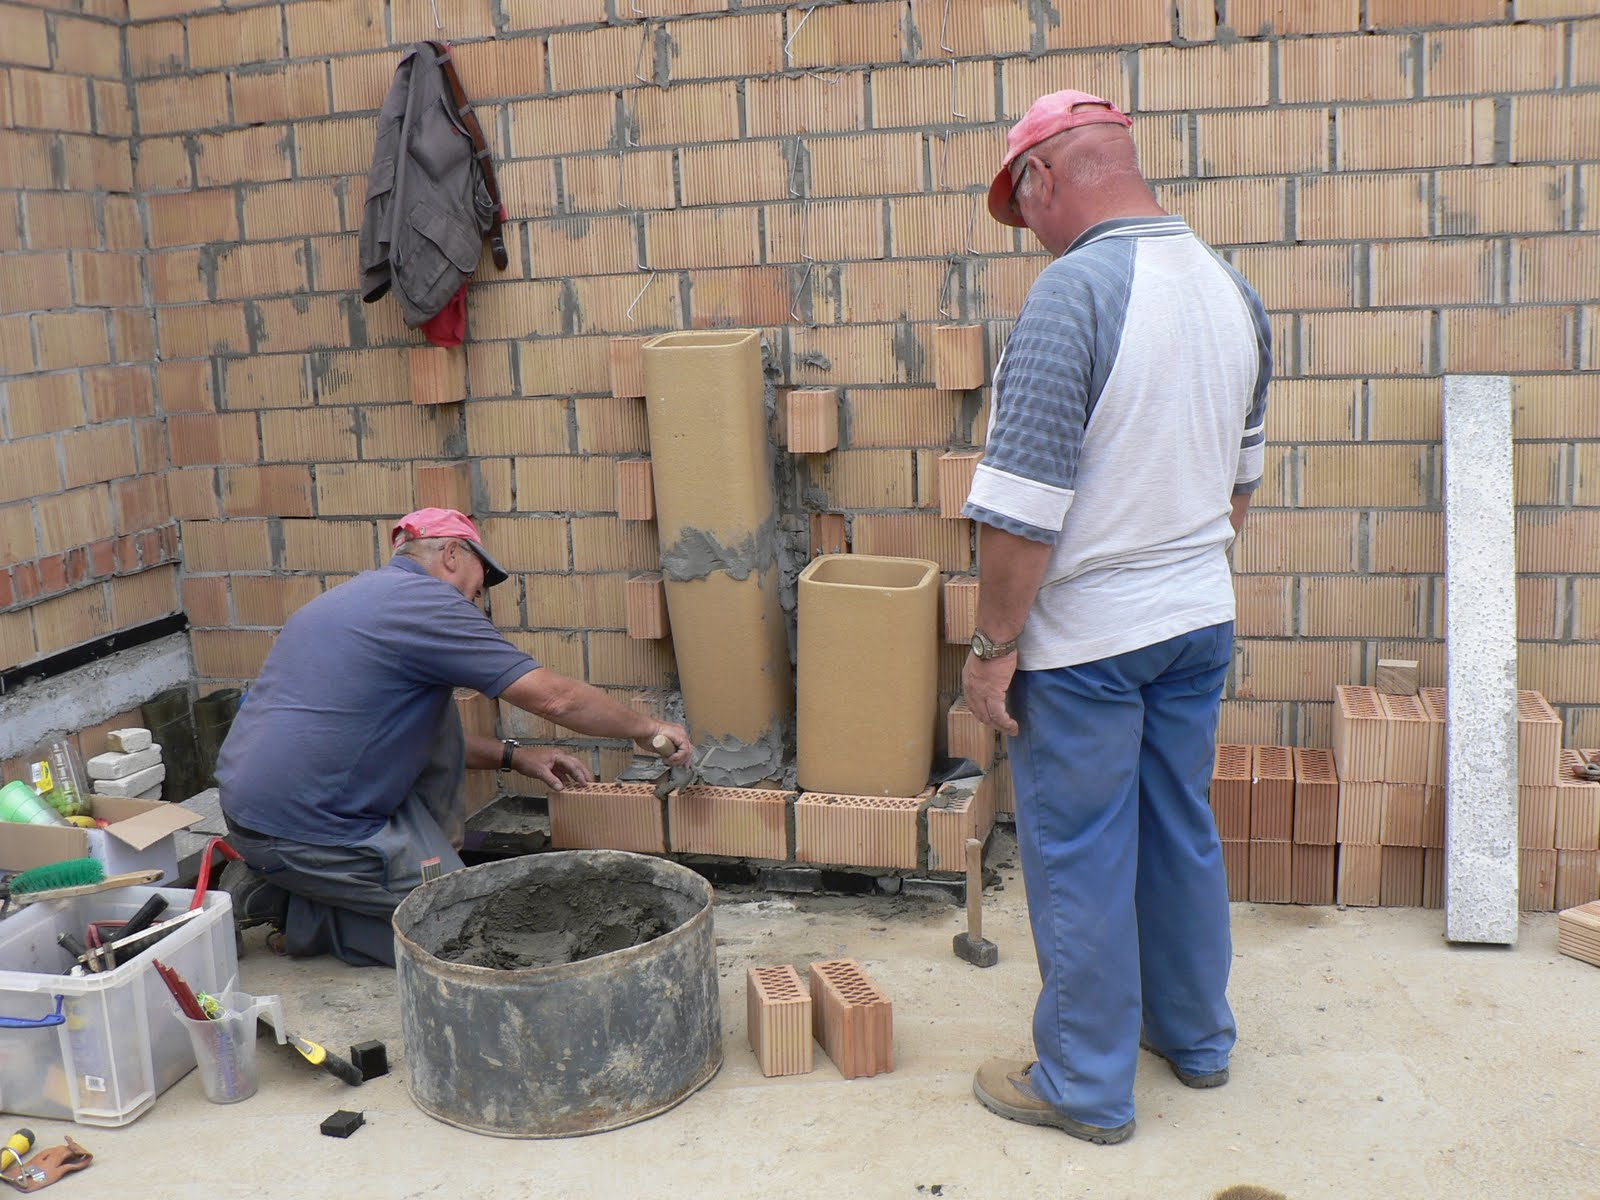 Kabouters gezocht 2 en 3 juli ontkisten pilaar kleine metswerken stenen van huis steunen - Een helling aanpassen ...